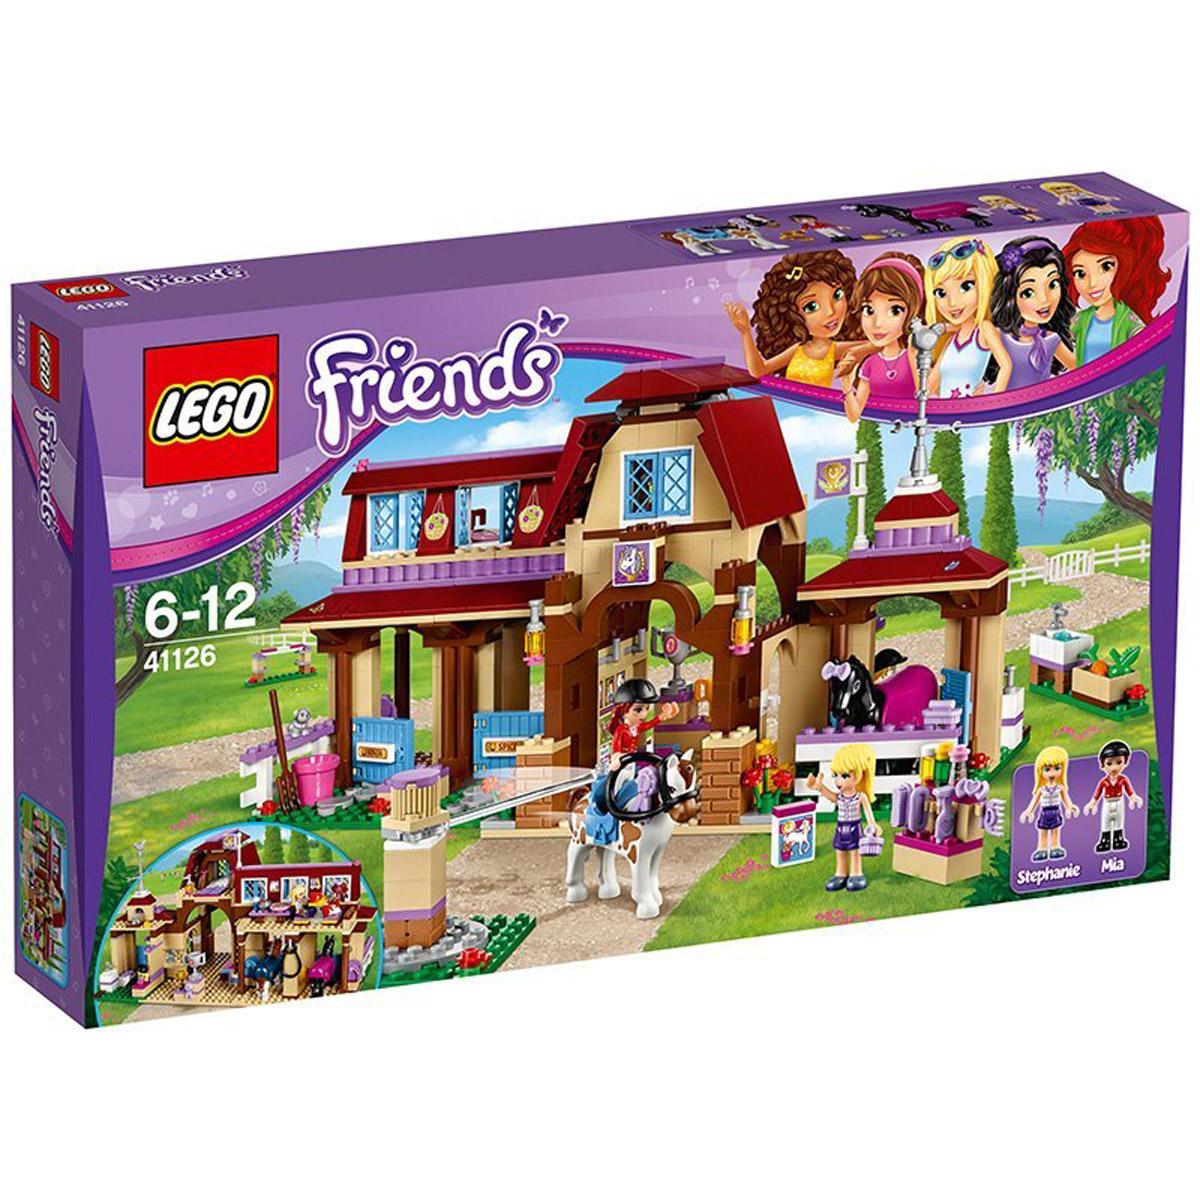 D'équitation FriendsLe Club 41126 De Heartlake City Lego 8wPnOk0